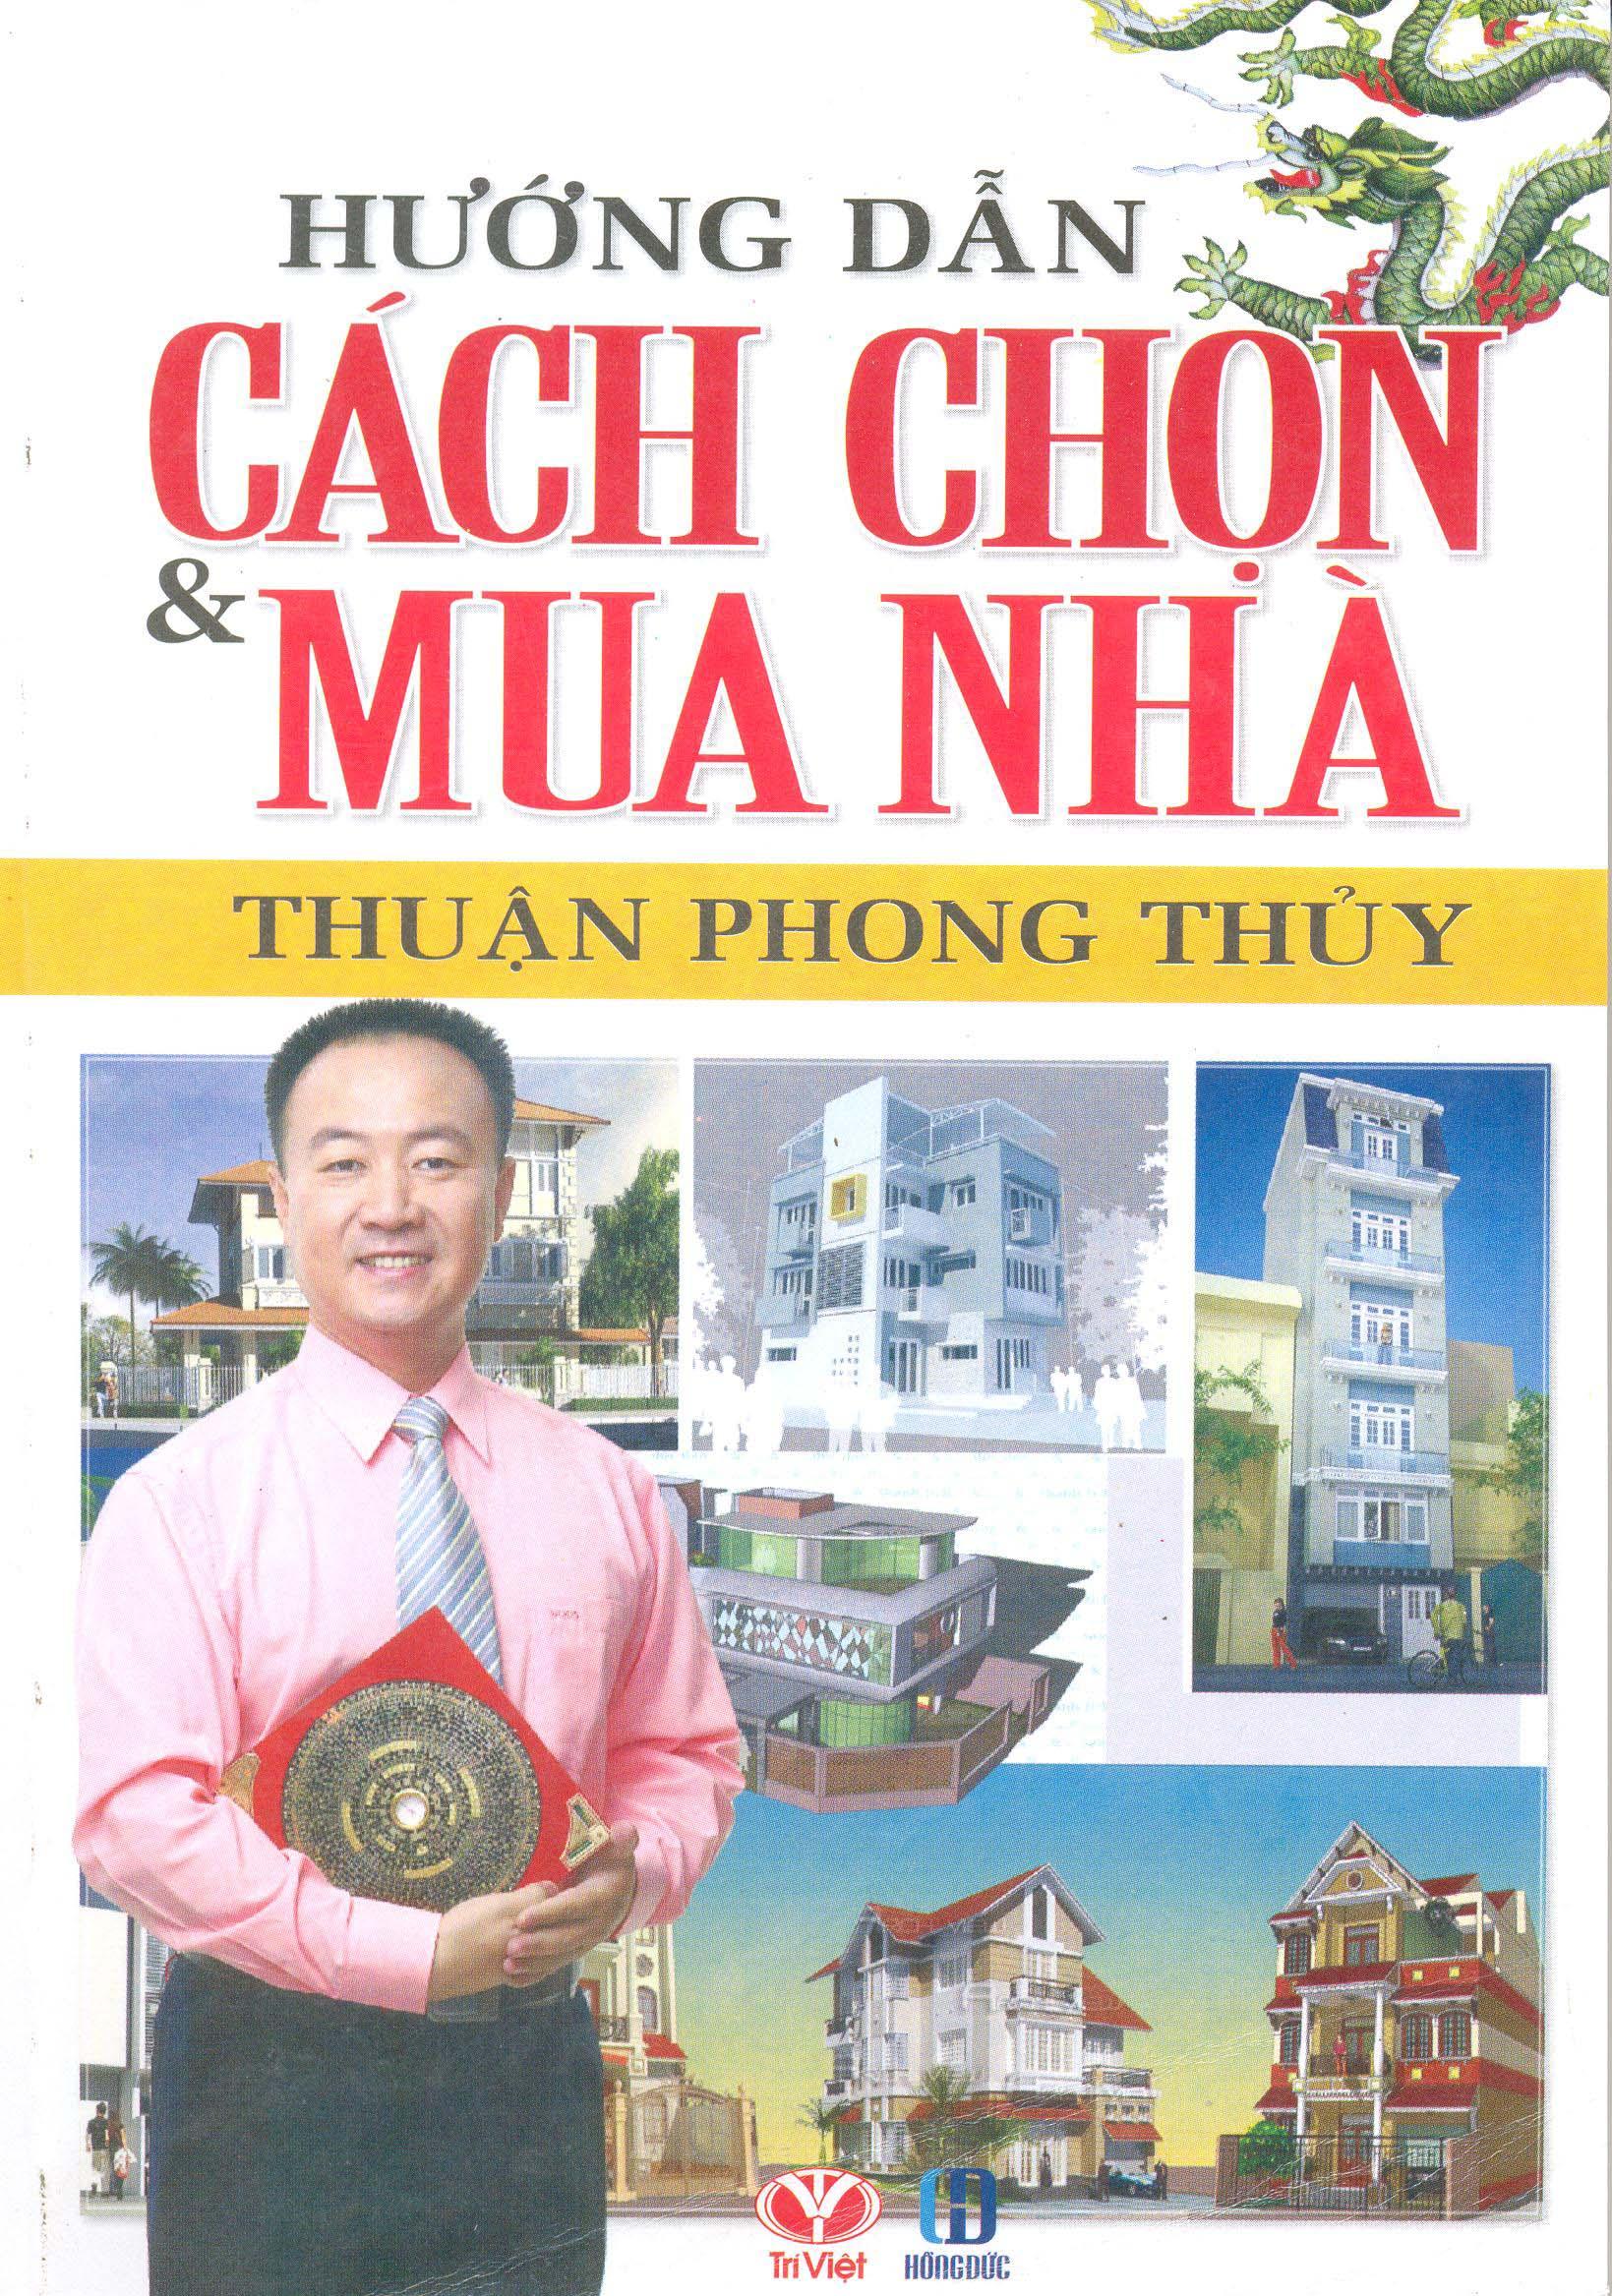 Hướng Dẫn Cách Chọn  Mua Nhà Thuận Phong Thủy - 8935077119213,62_43951,45000,tiki.vn,Huong-Dan-Cach-Chon-Mua-Nha-Thuan-Phong-Thuy-62_43951,Hướng Dẫn Cách Chọn  Mua Nhà Thuận Phong Thủy